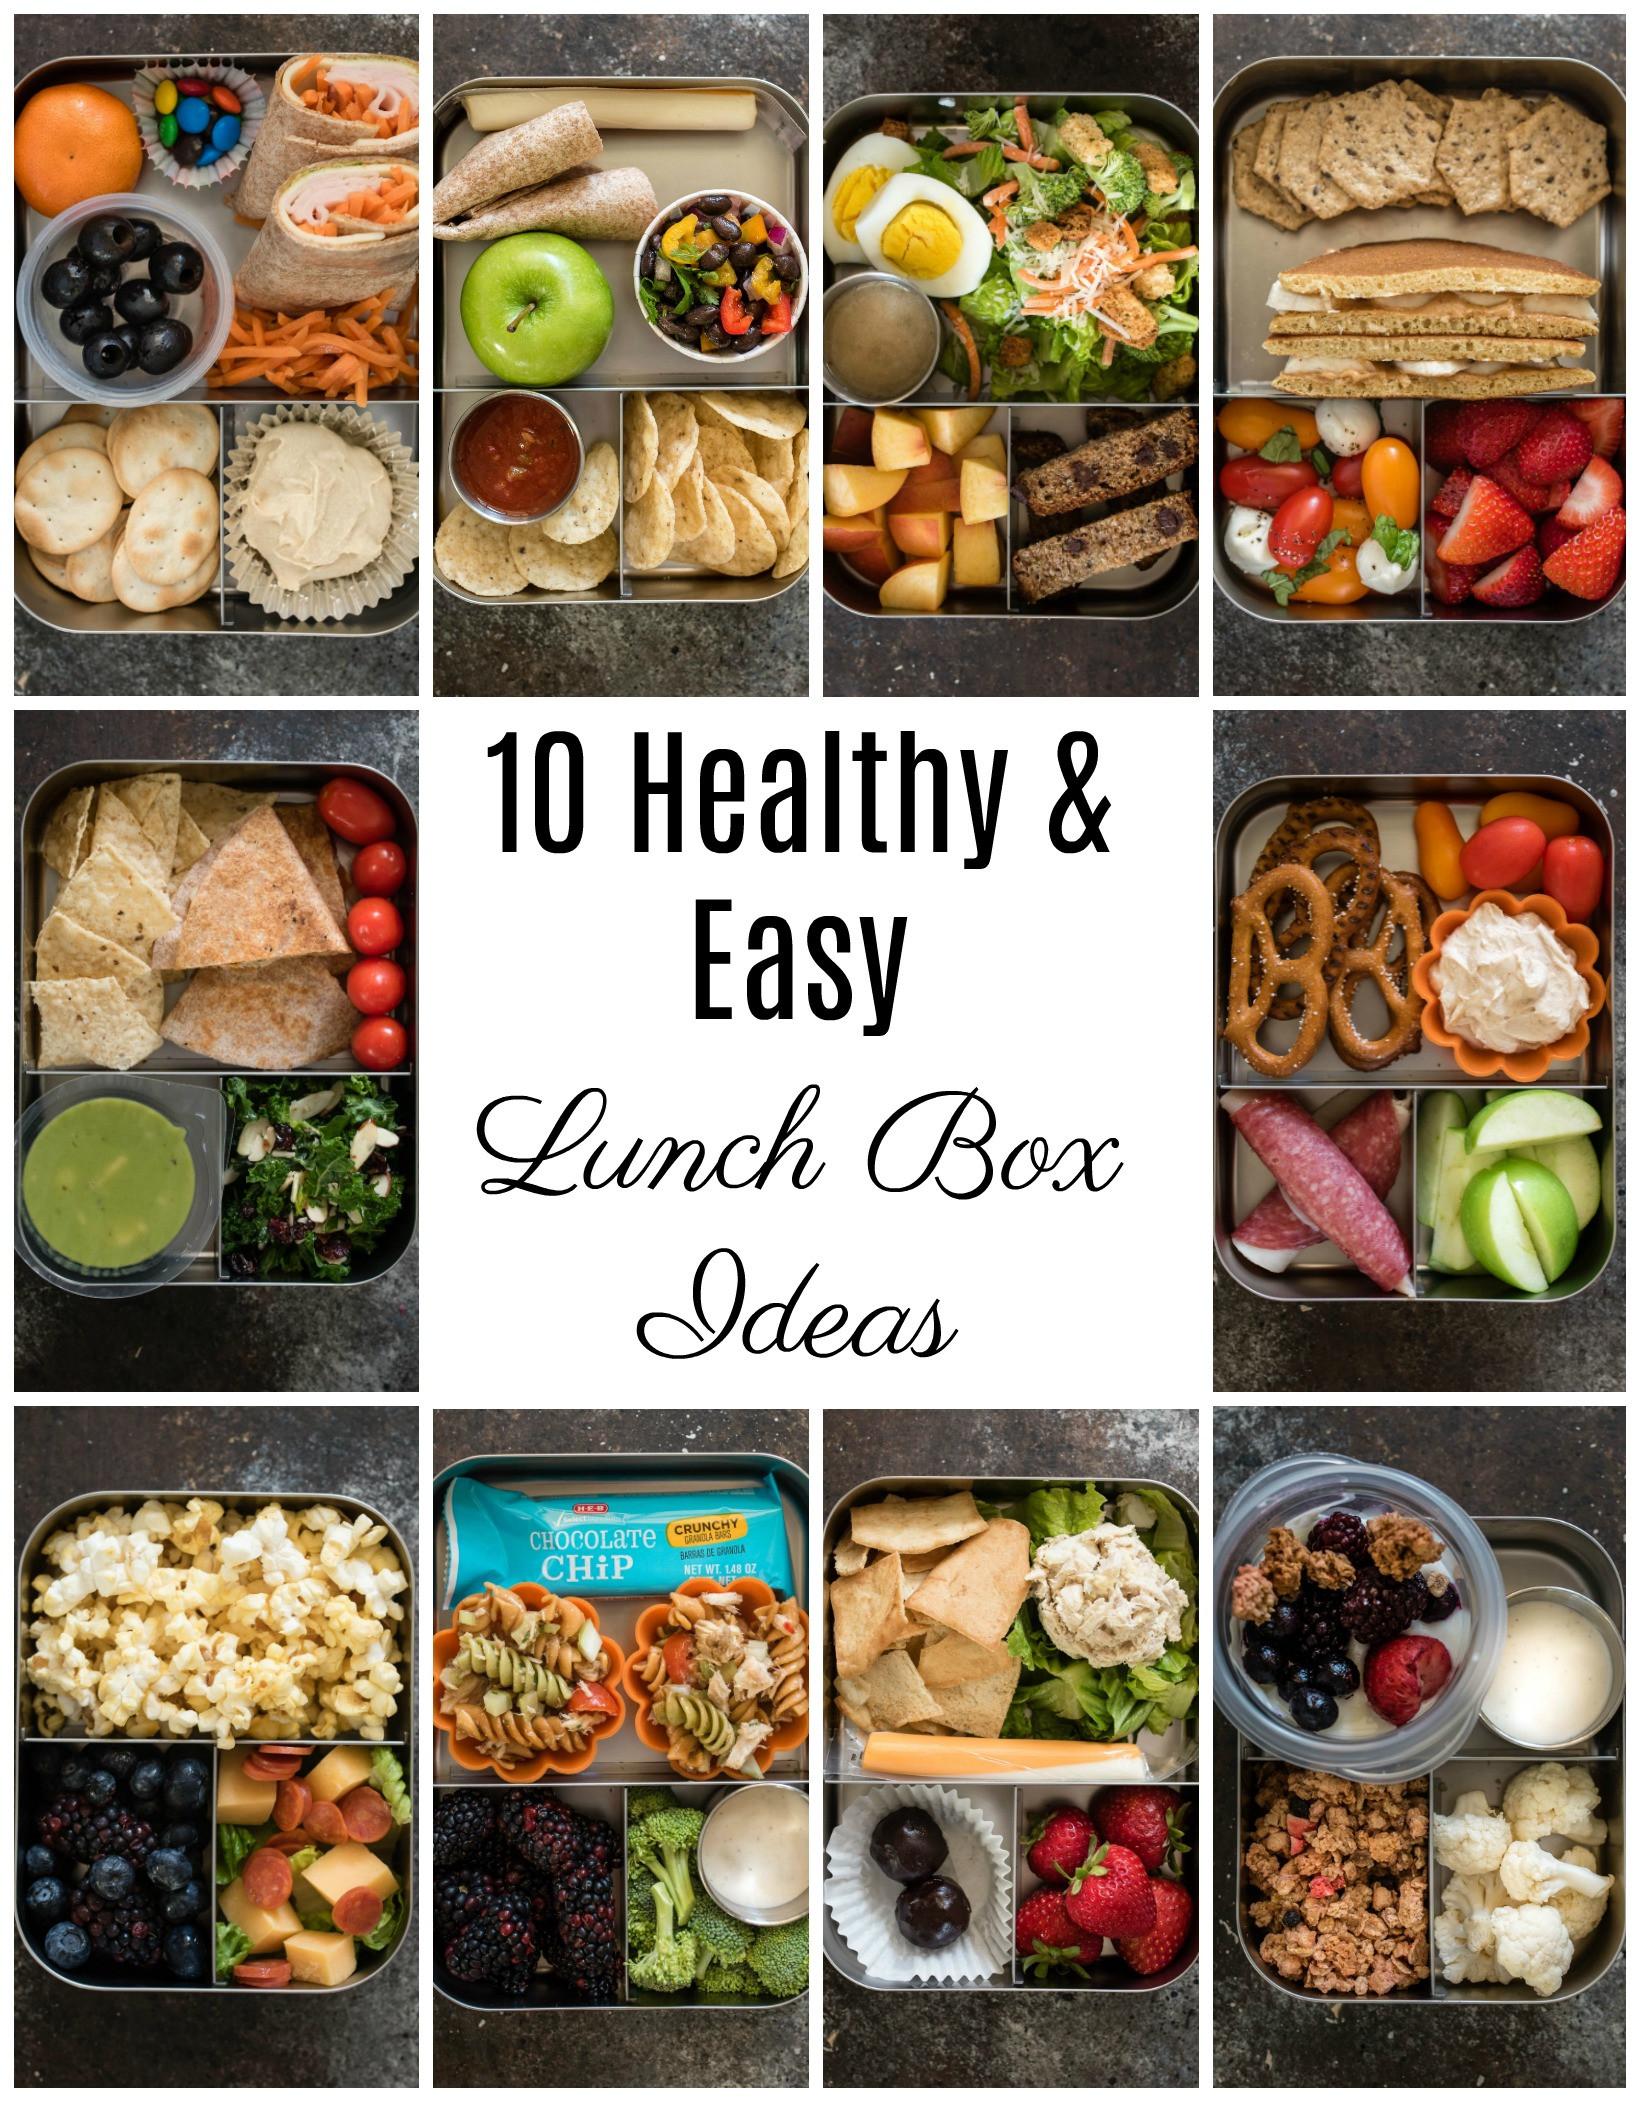 Healthy Lunch Snacks  10 Healthy Lunch Box Ideas